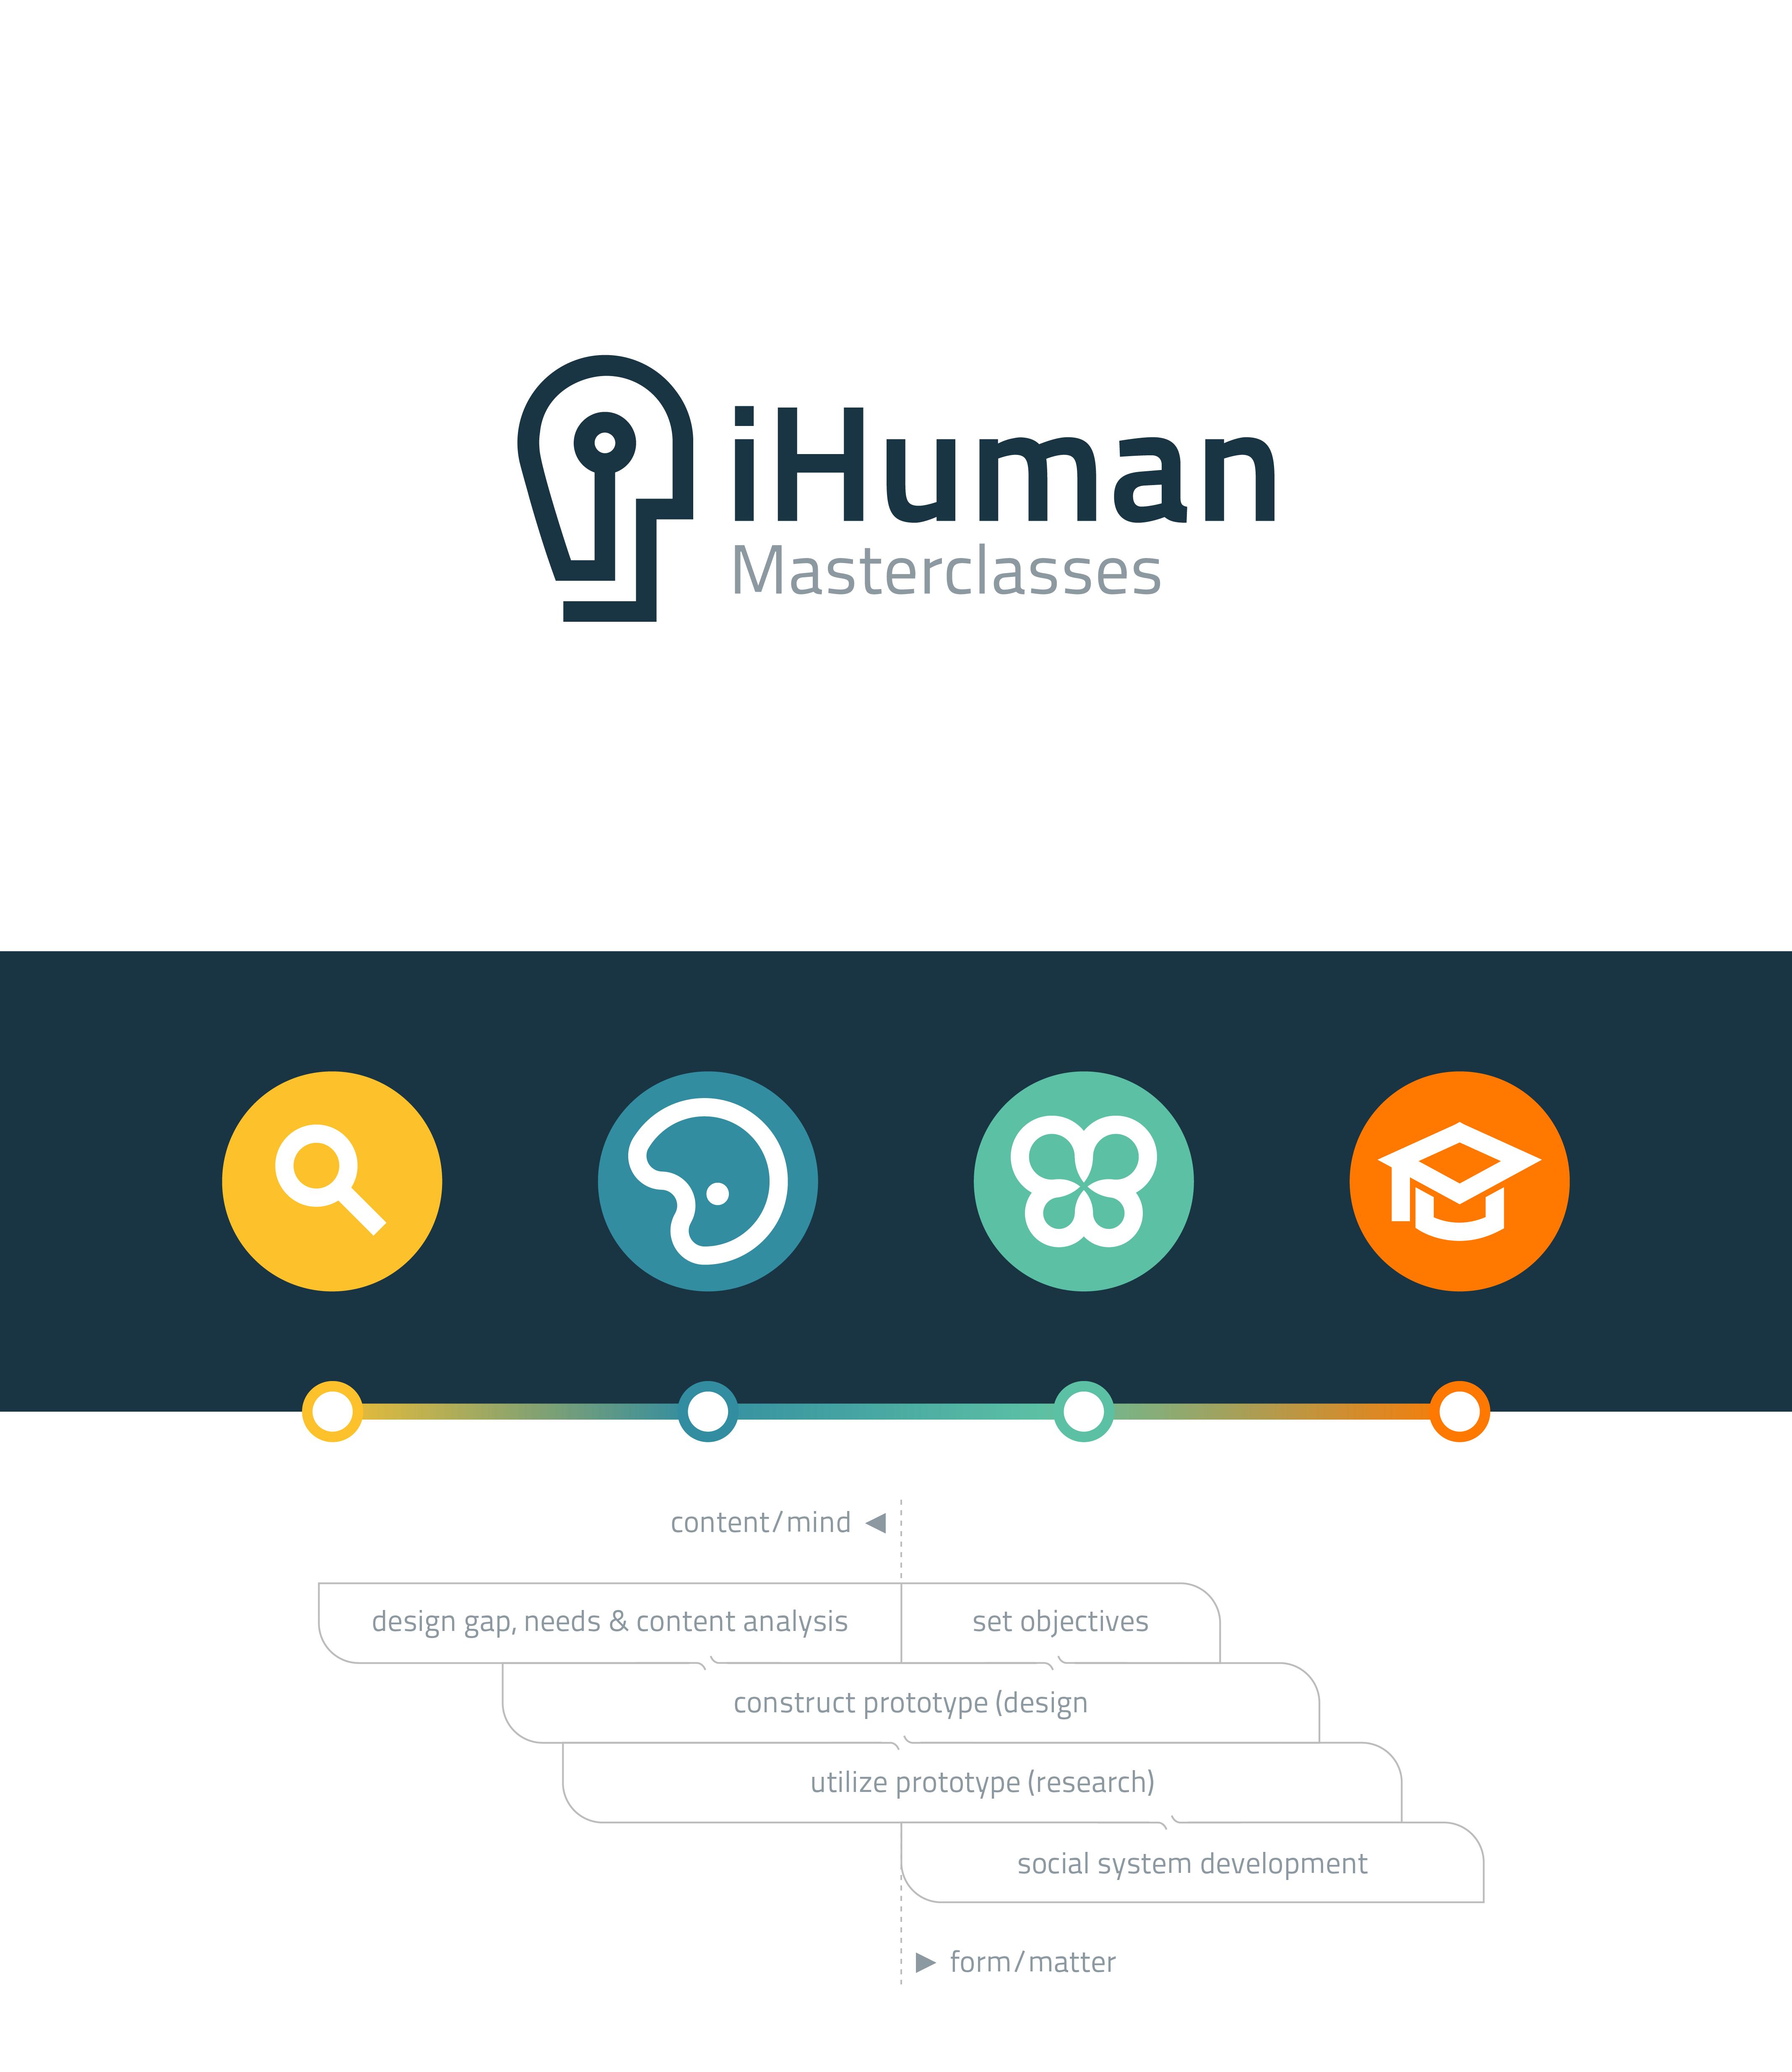 Ihuman explained